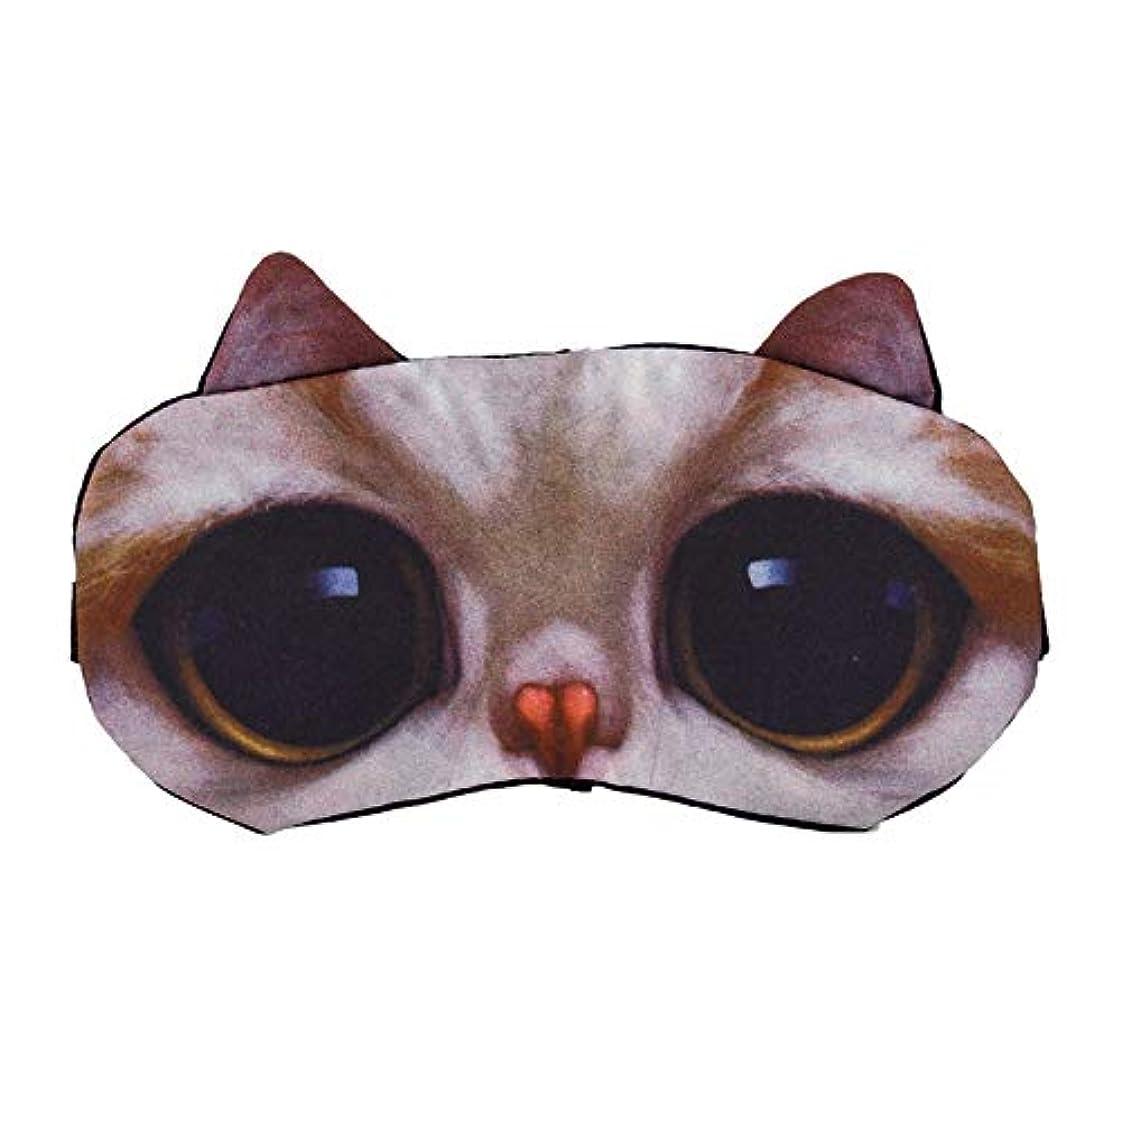 レバー不愉快に請求NOTE 3d漫画の動物のアイマスクかわいい旅行エイド睡眠残りシェード睡眠マスクカバーソフト睡眠マスク援助ナップシェードメイクアップアイケア